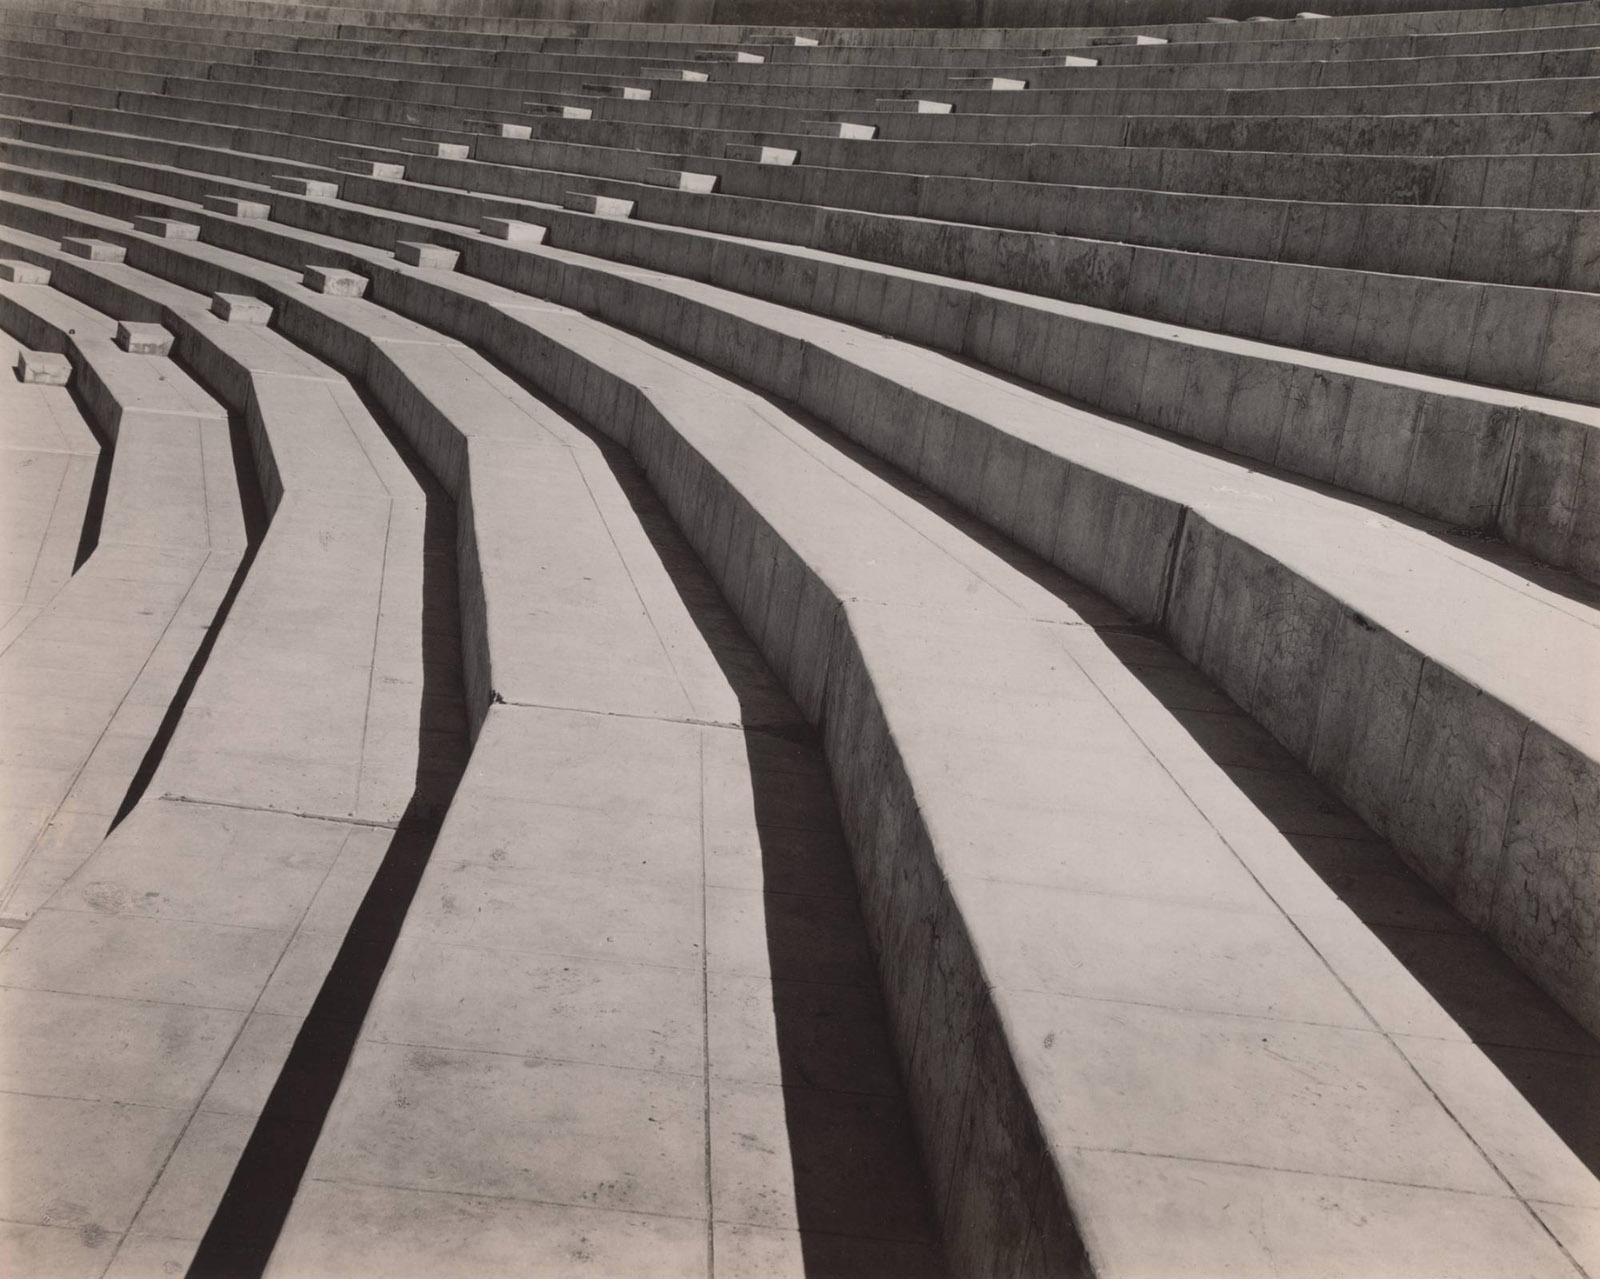 Stadium, Mexico City, 1927; photograph by Tina Modotti